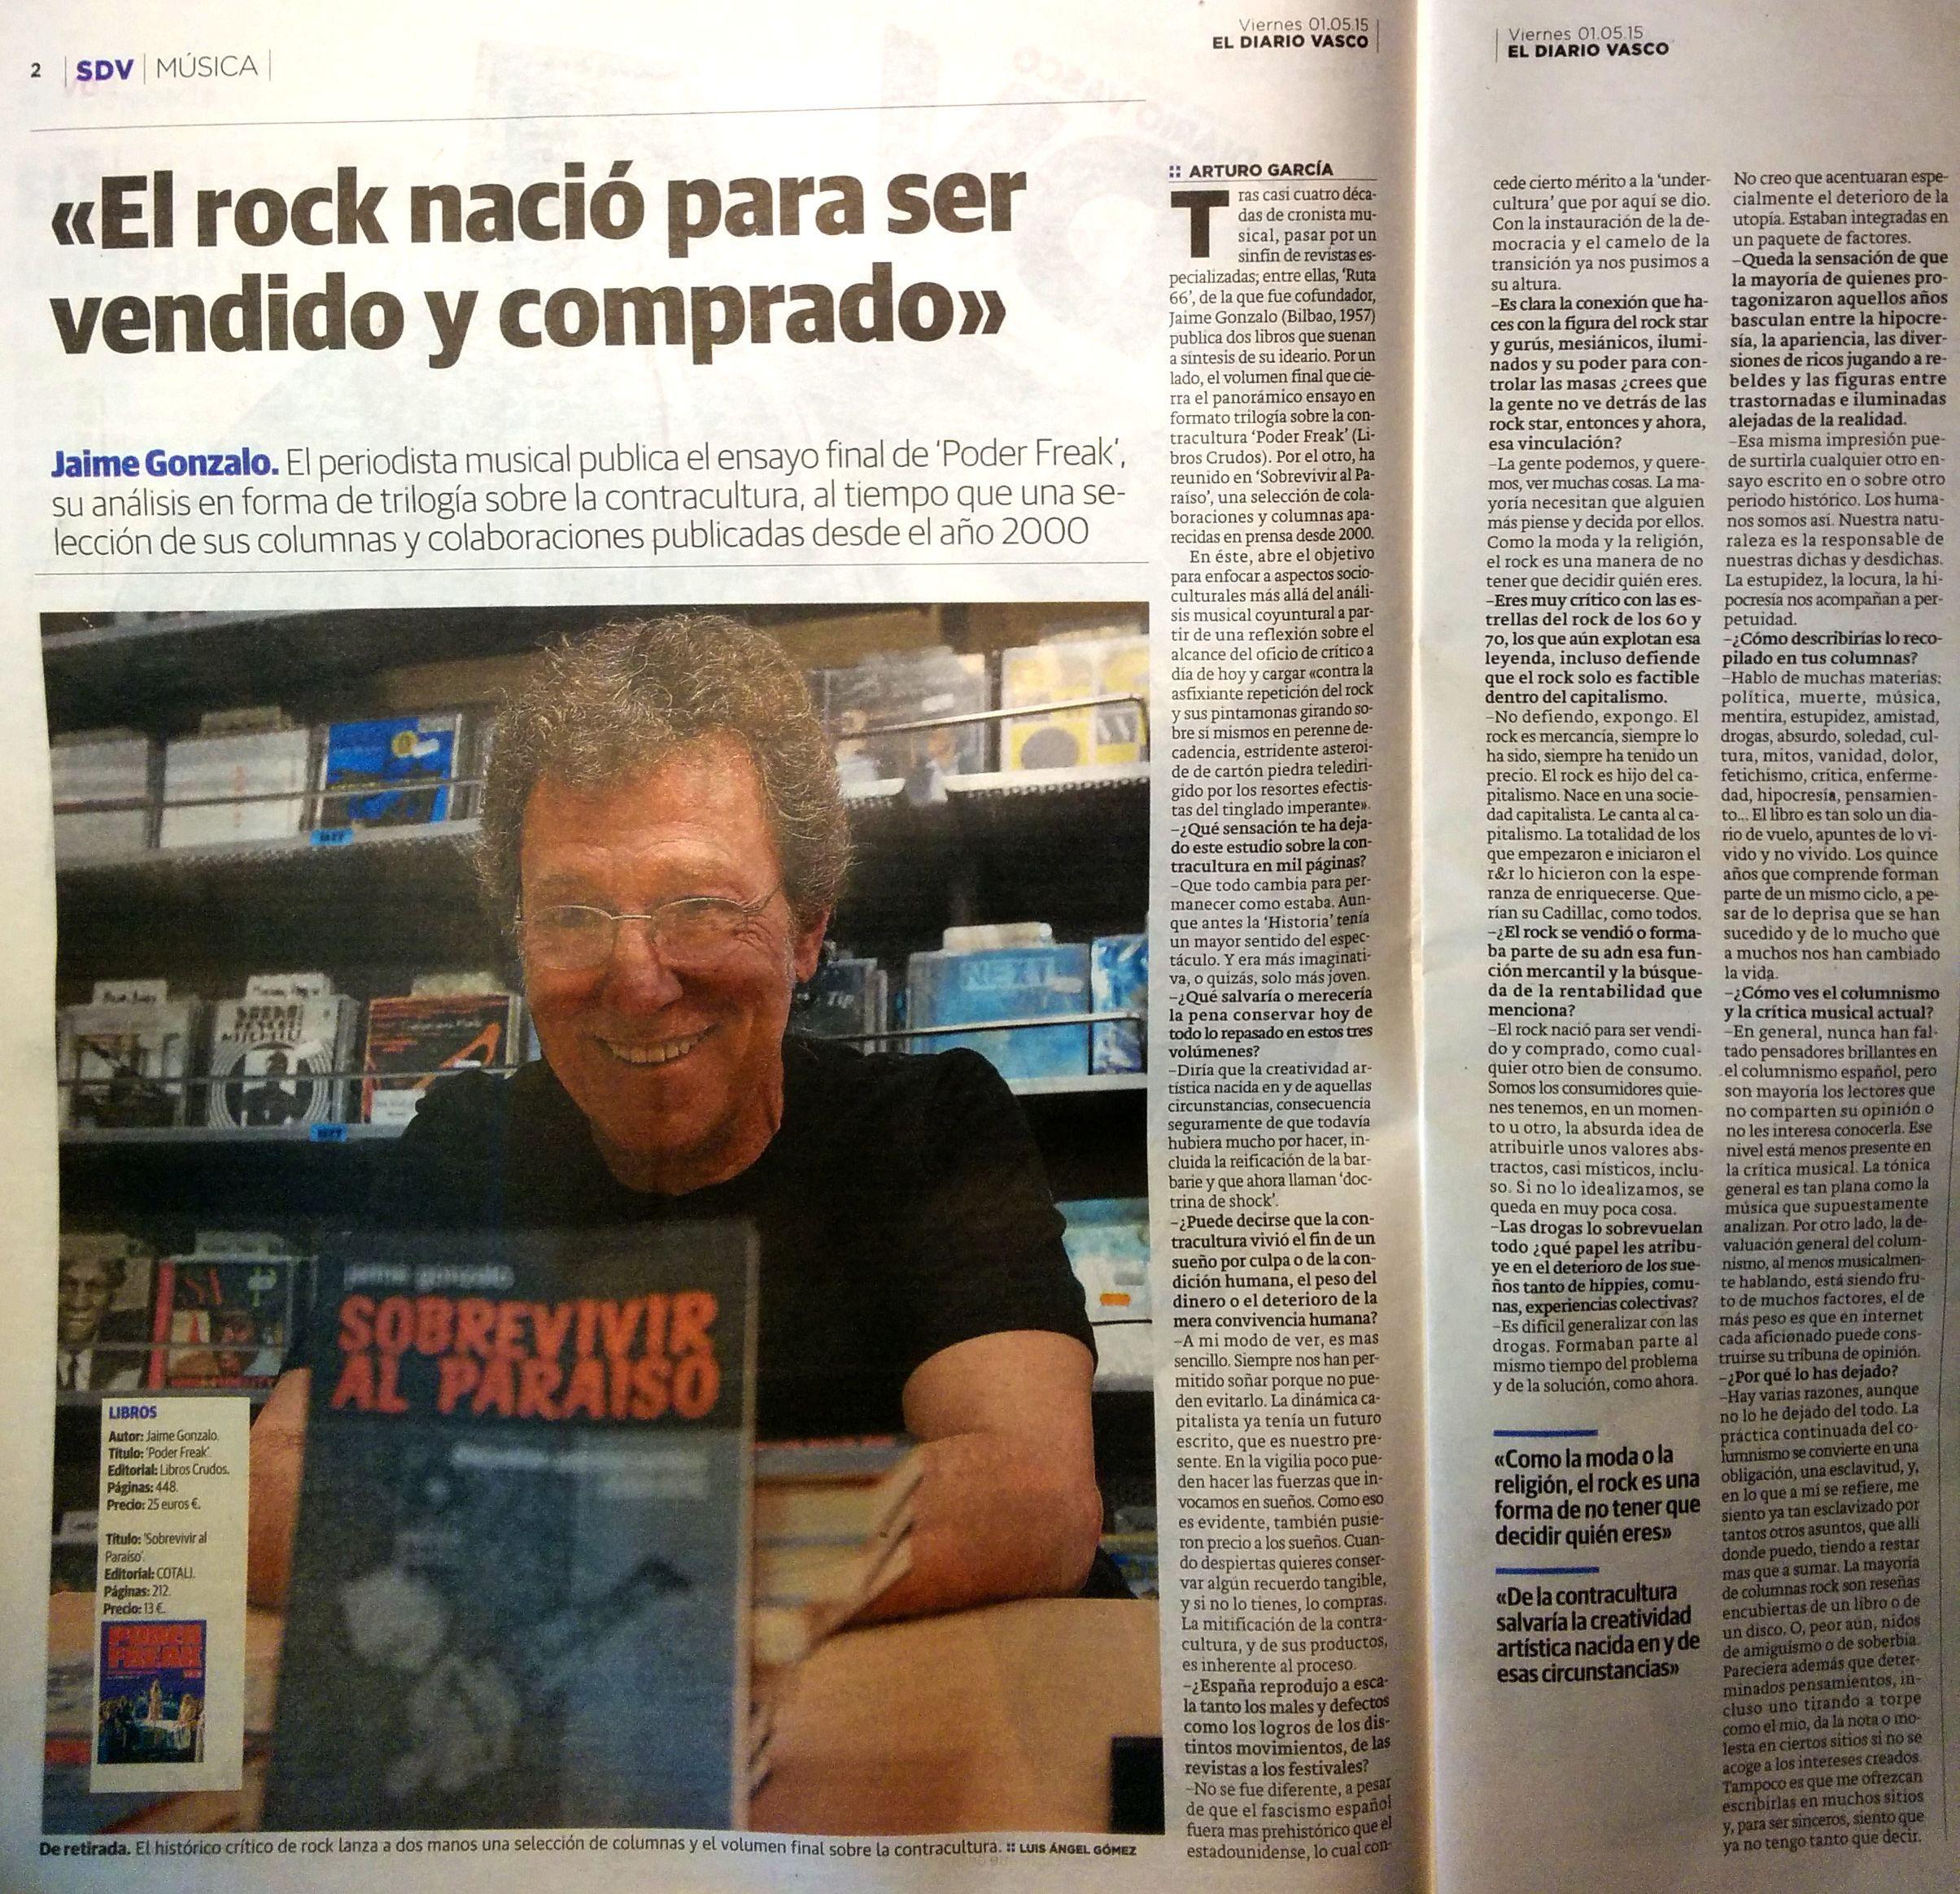 Entrevista en 'El Diario Vasco'.